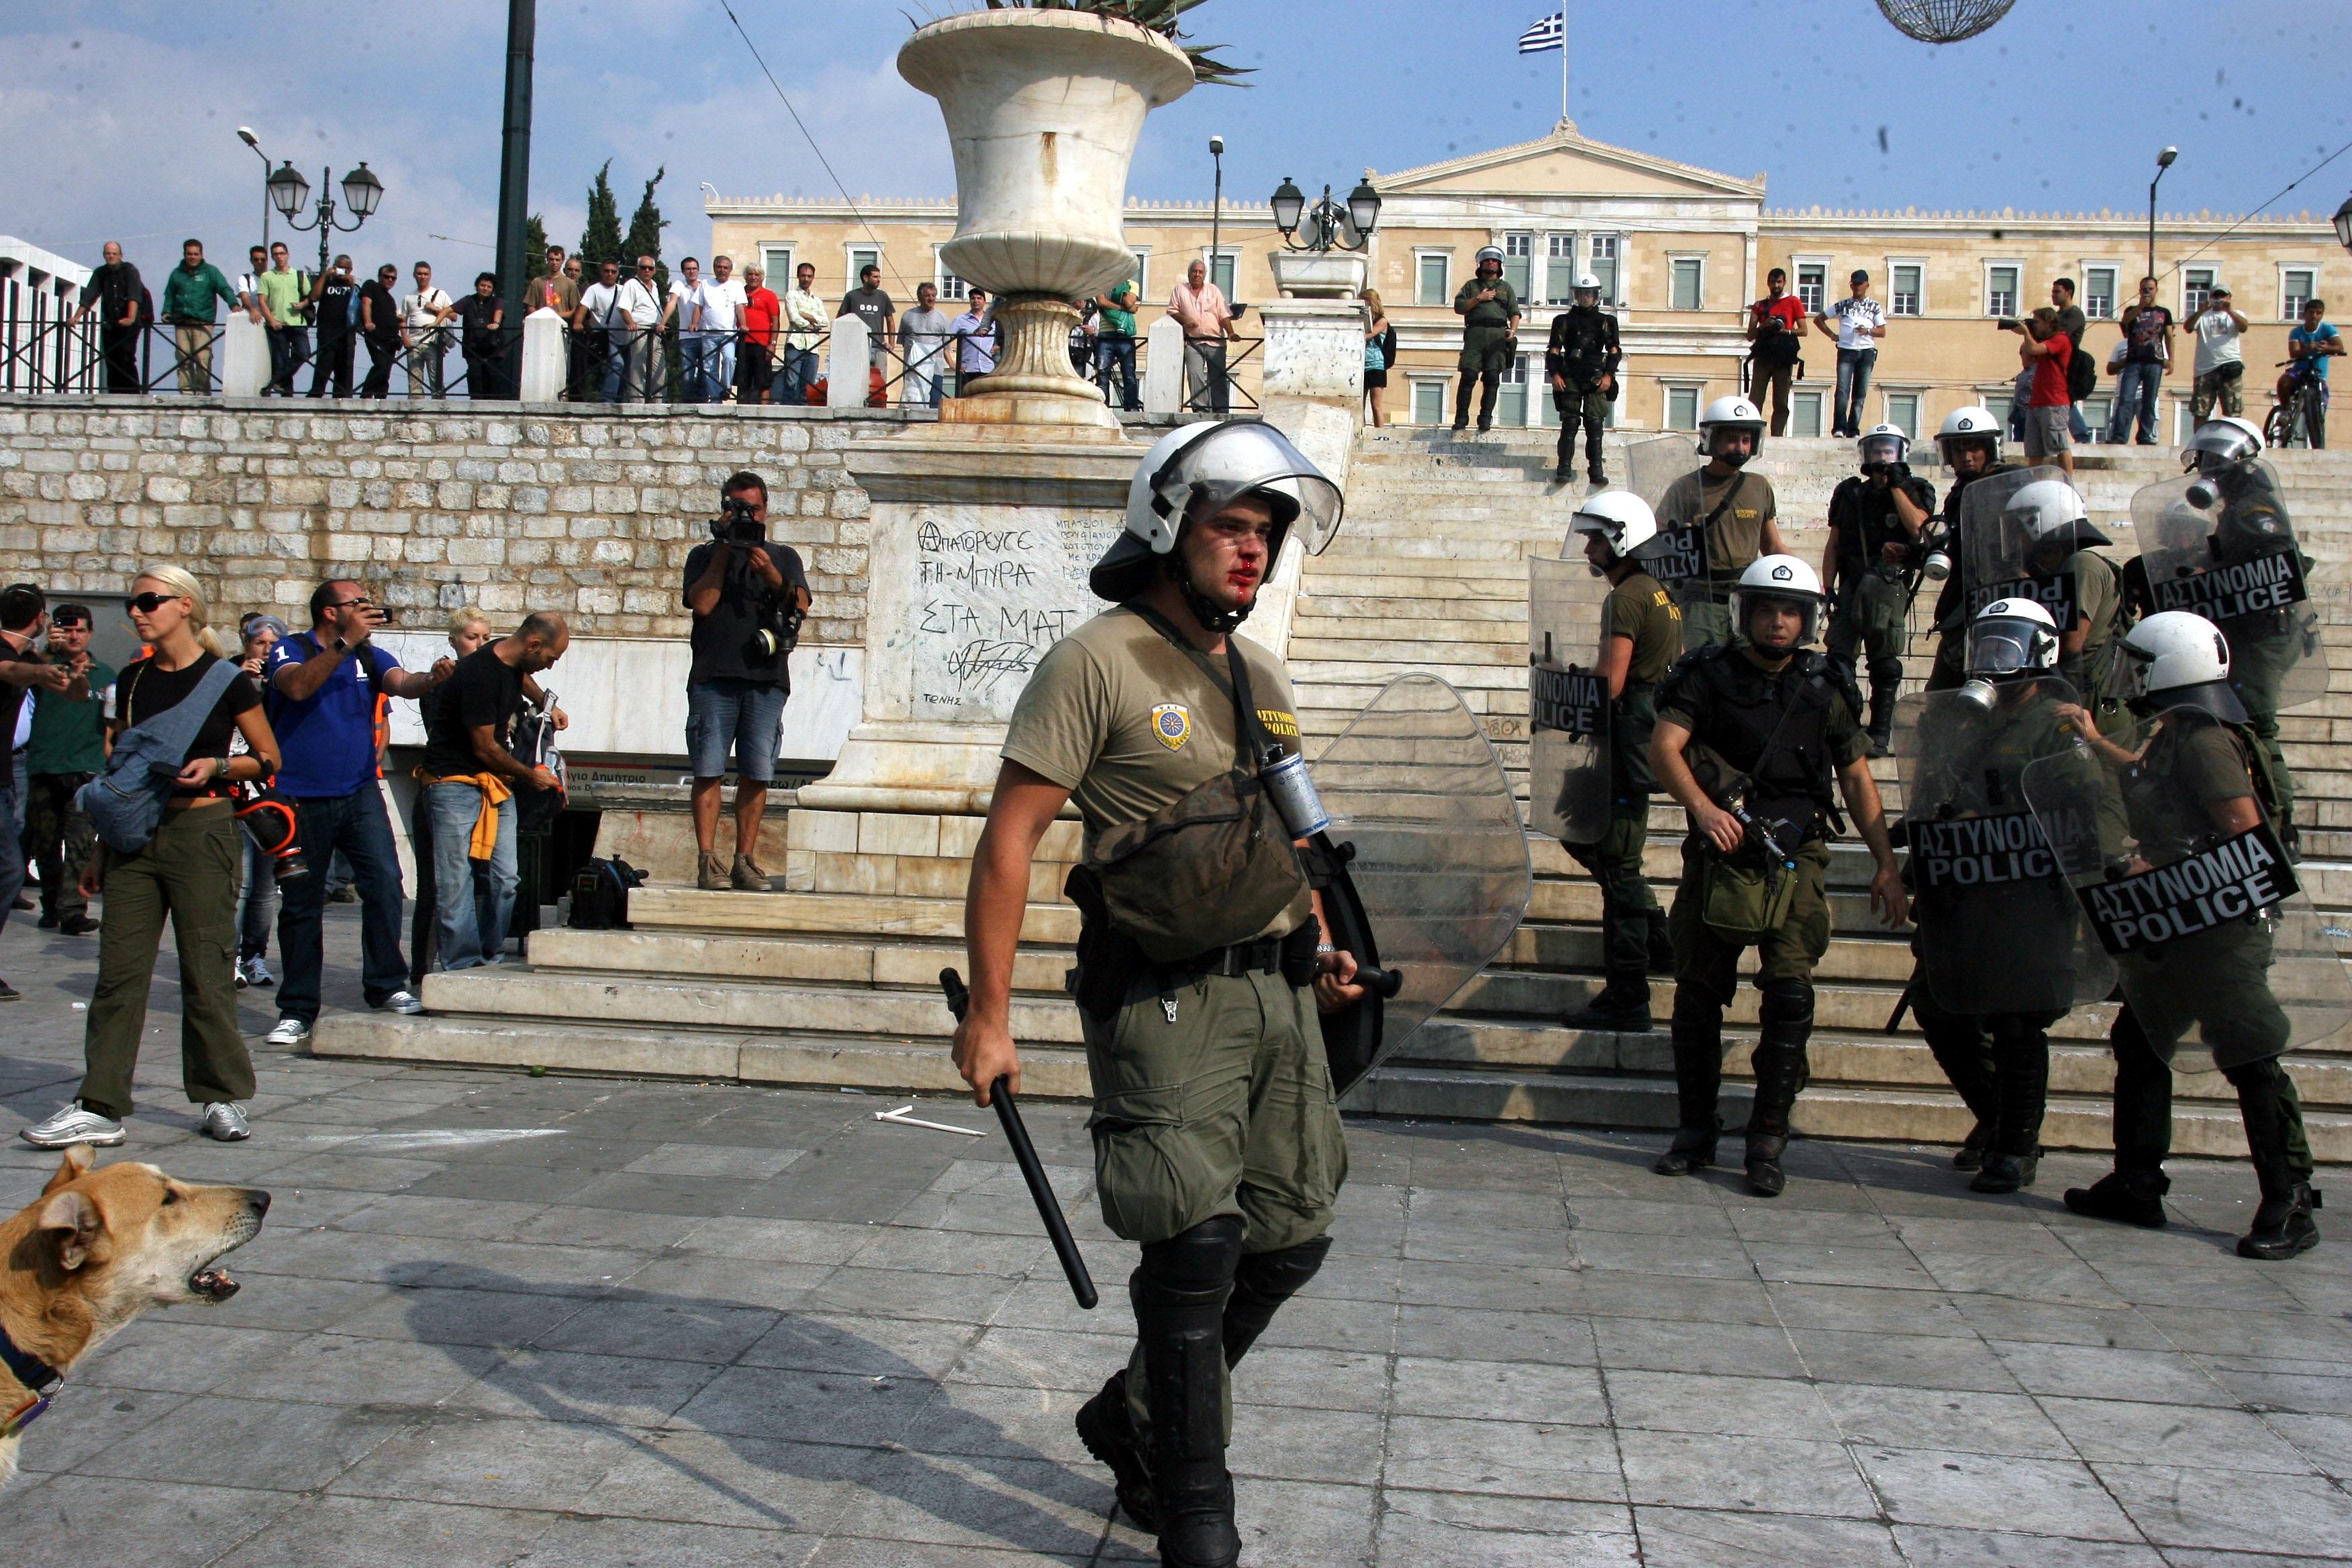 Φωνάζει ακόμα κι ο Λουκάνικος αλλά ο αστυνομικός δεν ακούει τίποτα